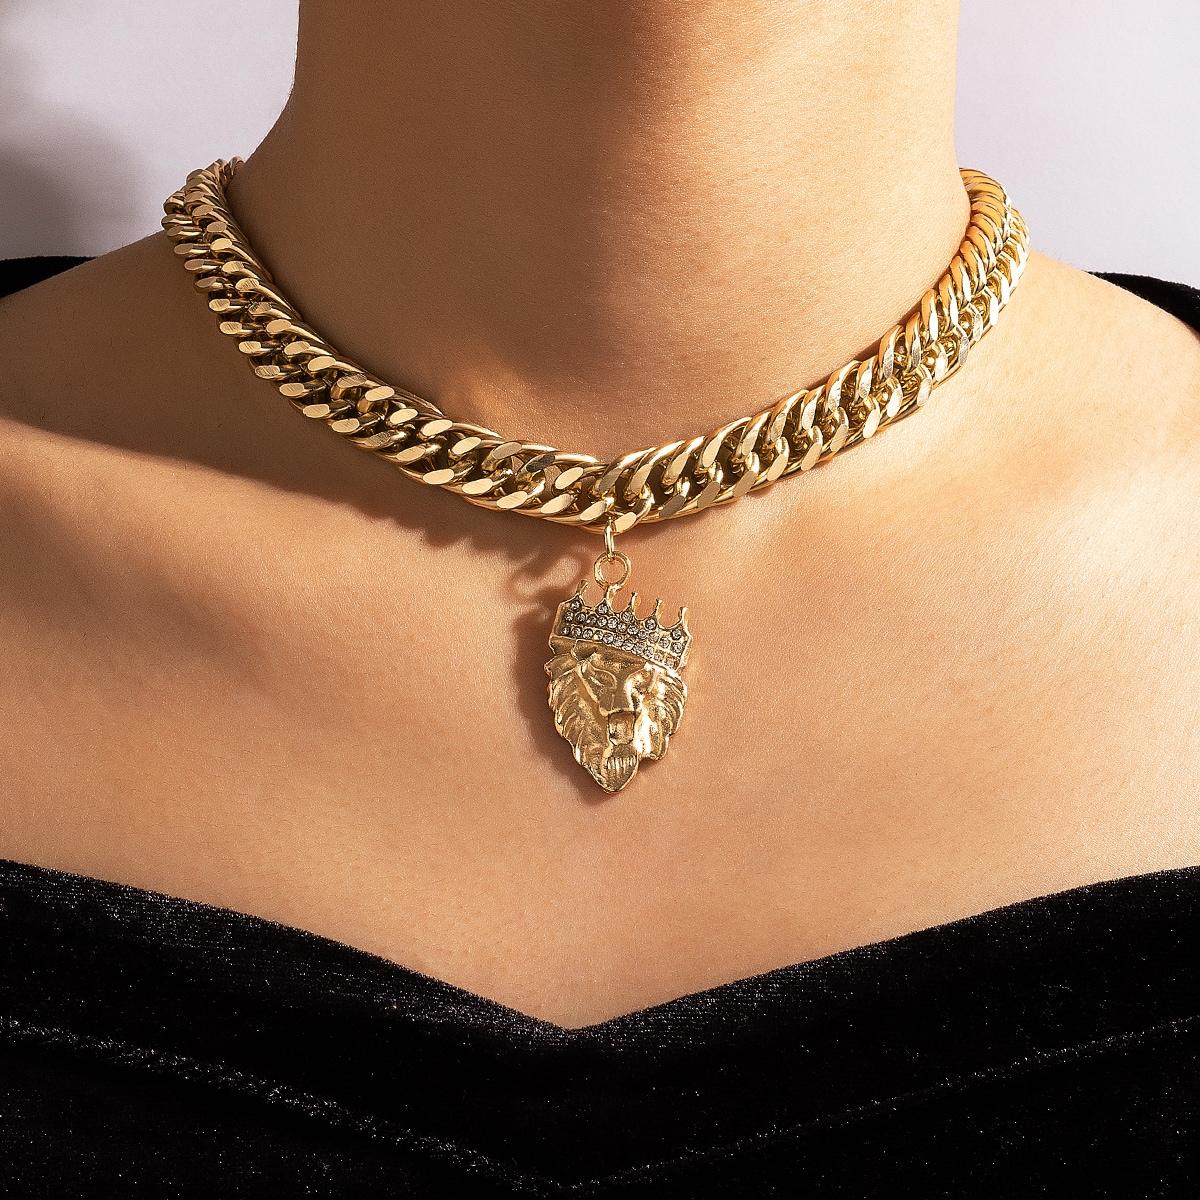 Halskette mit Strass Detail und Kette